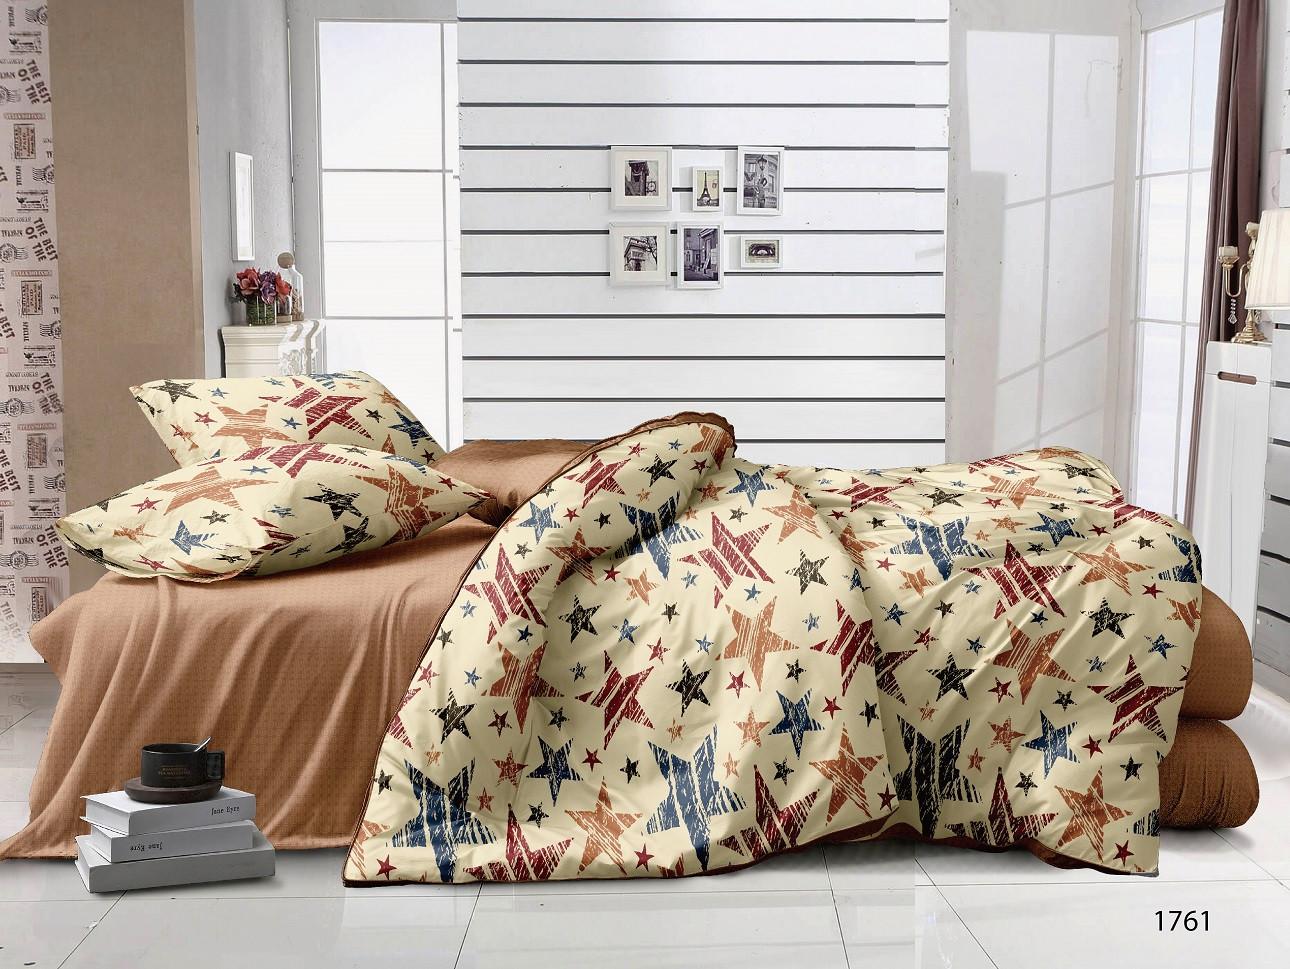 Комплекты постельного белья SVANtex svx651502